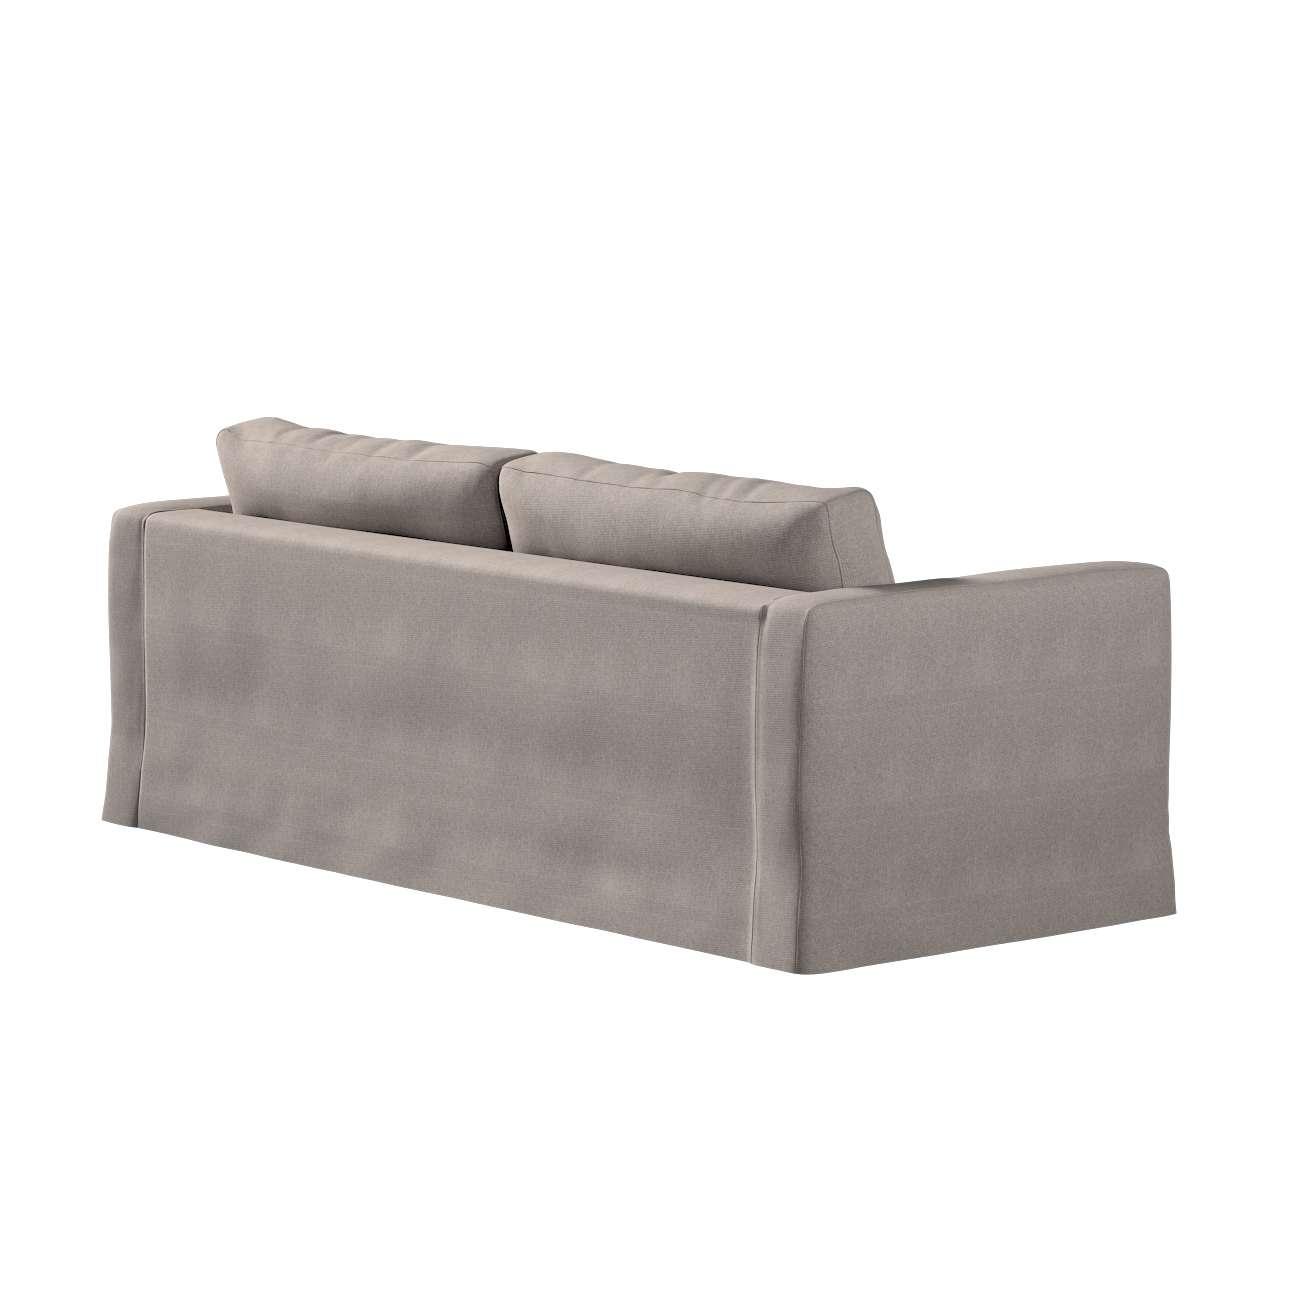 Pokrowiec na sofę Karlstad 3-osobową nierozkładaną, długi w kolekcji Etna, tkanina: 705-09